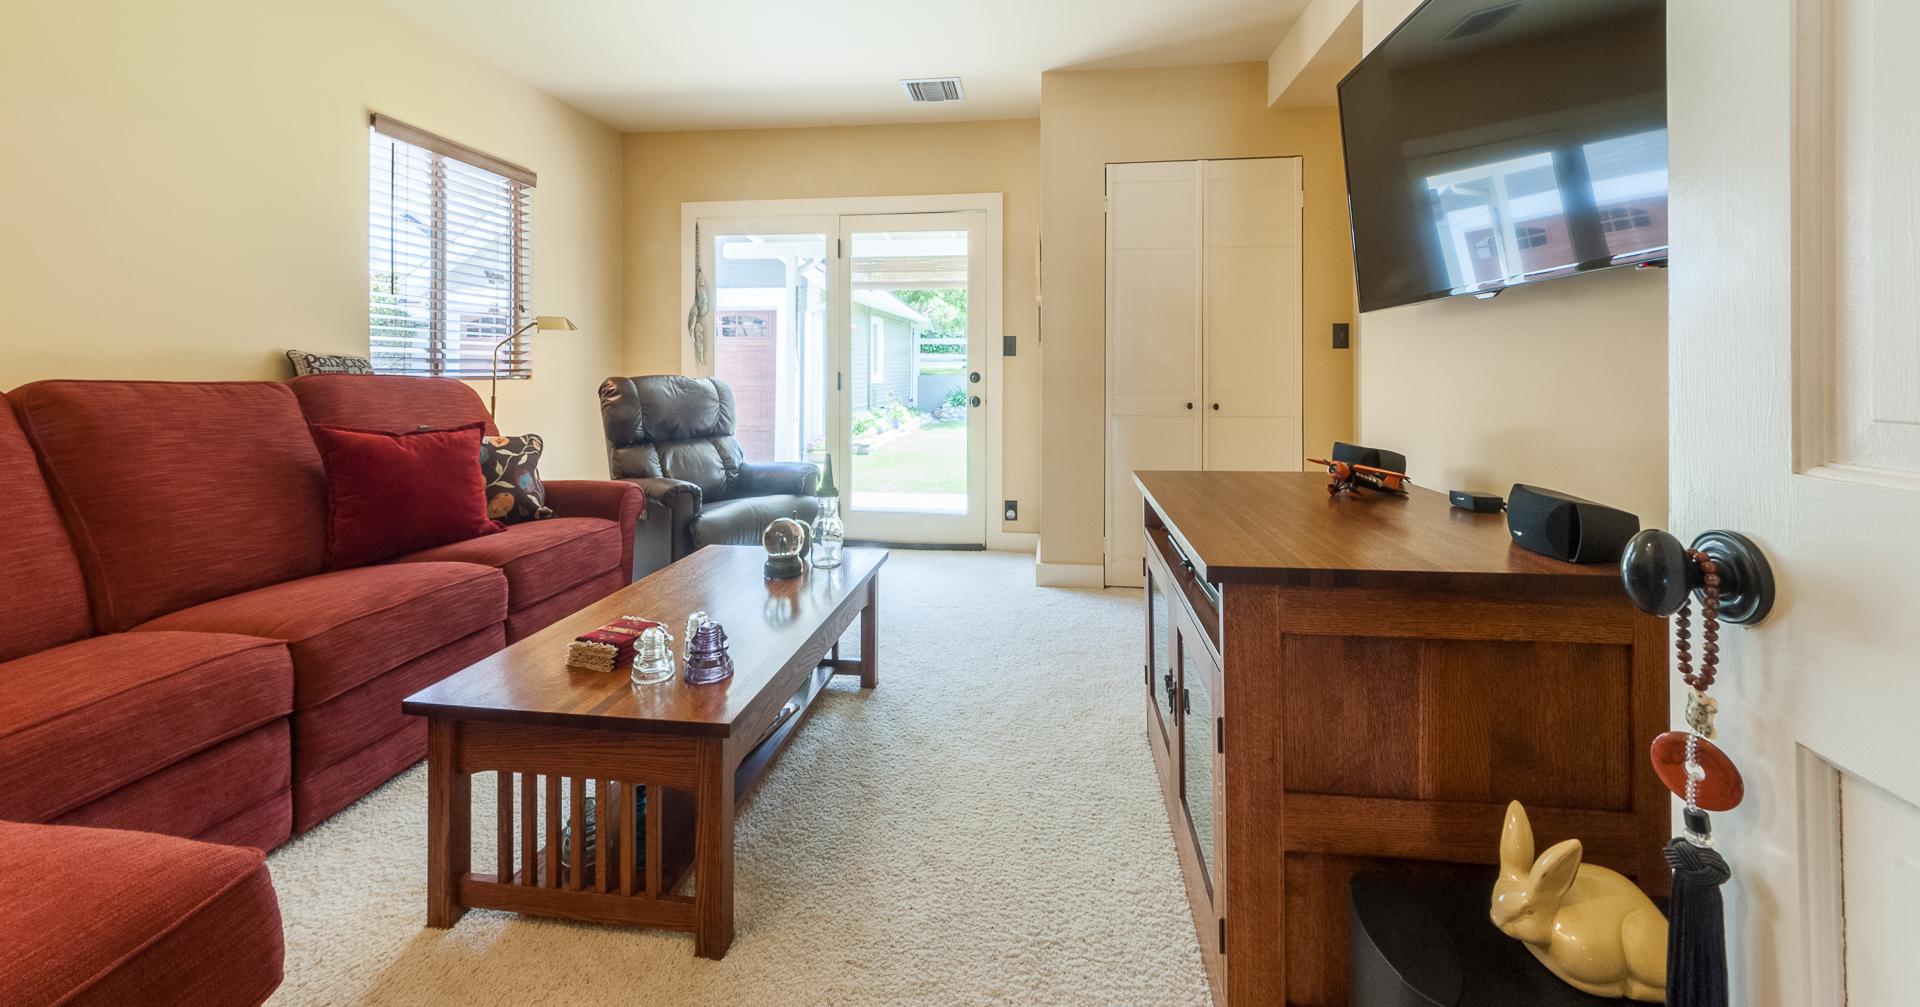 15 - Family Room Best